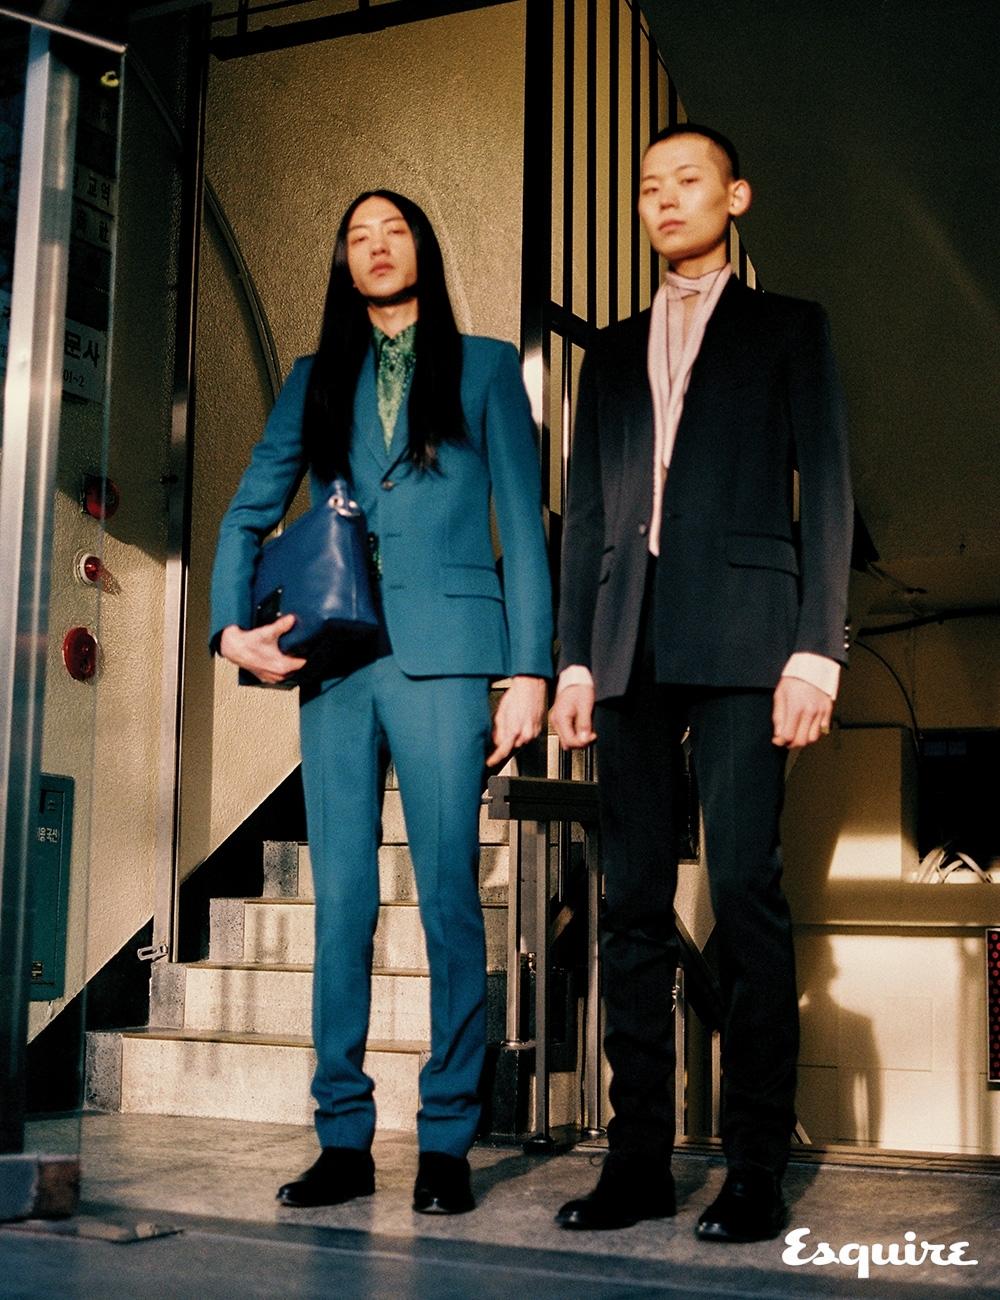 태희가 입은 재킷, 셔츠, 바지, 부츠, 가방 모두 가격 미정 지방시. 민석이 입은 재킷, 셔츠, 바지, 부츠 모두 가격 미정 지방시.